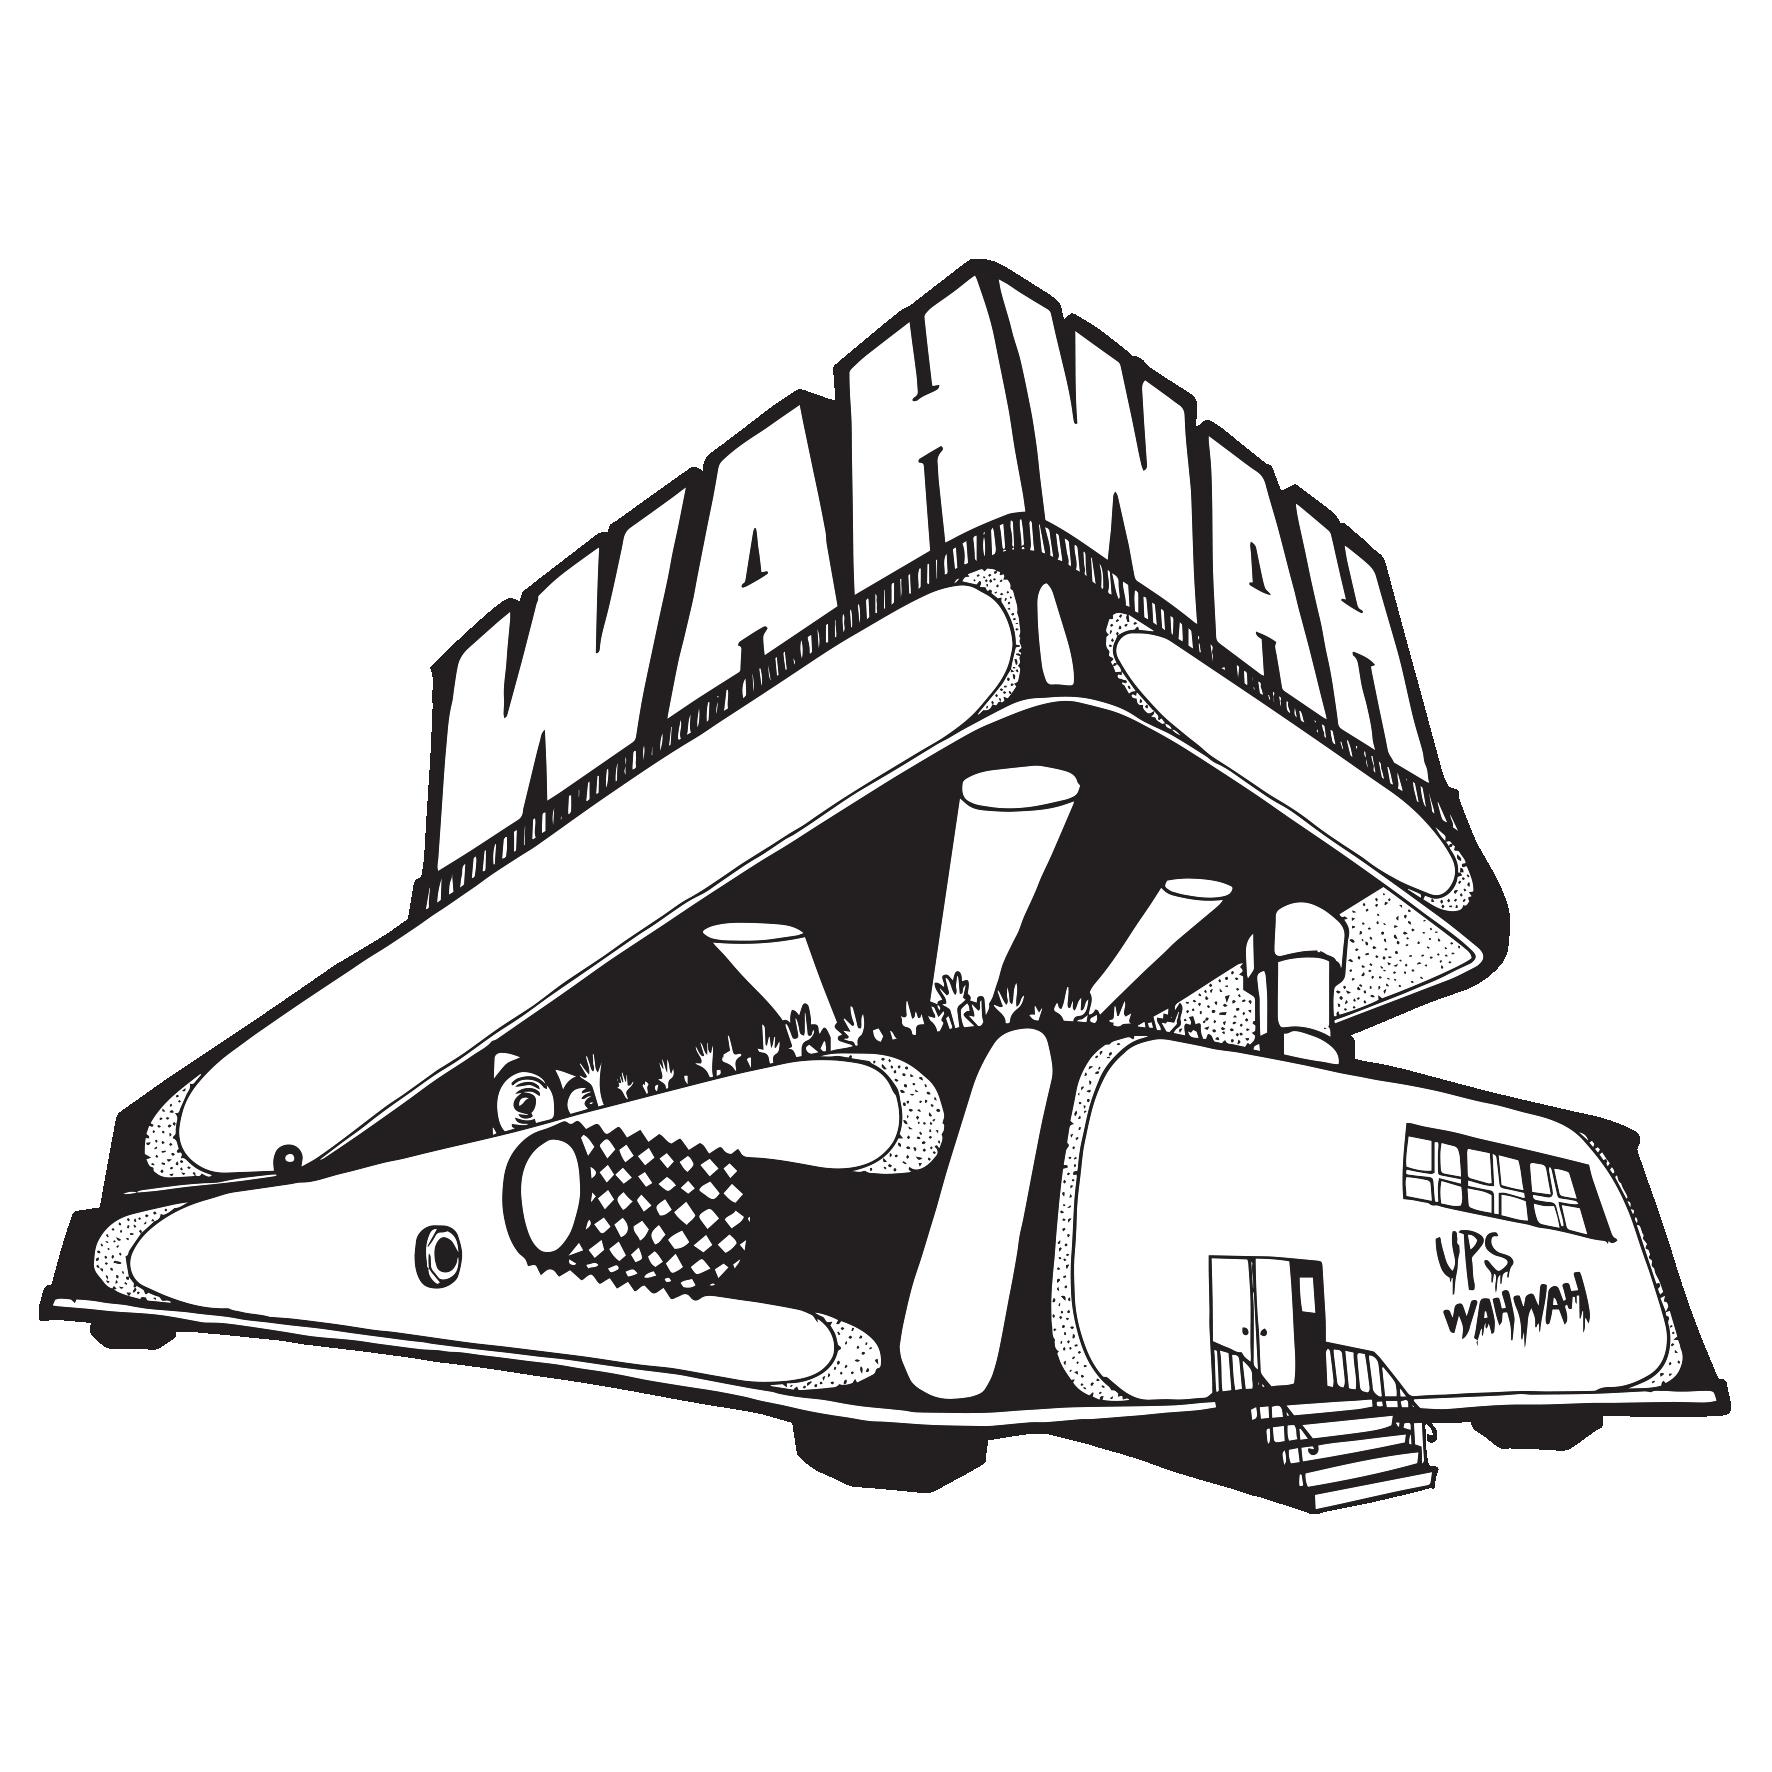 wahwah ups